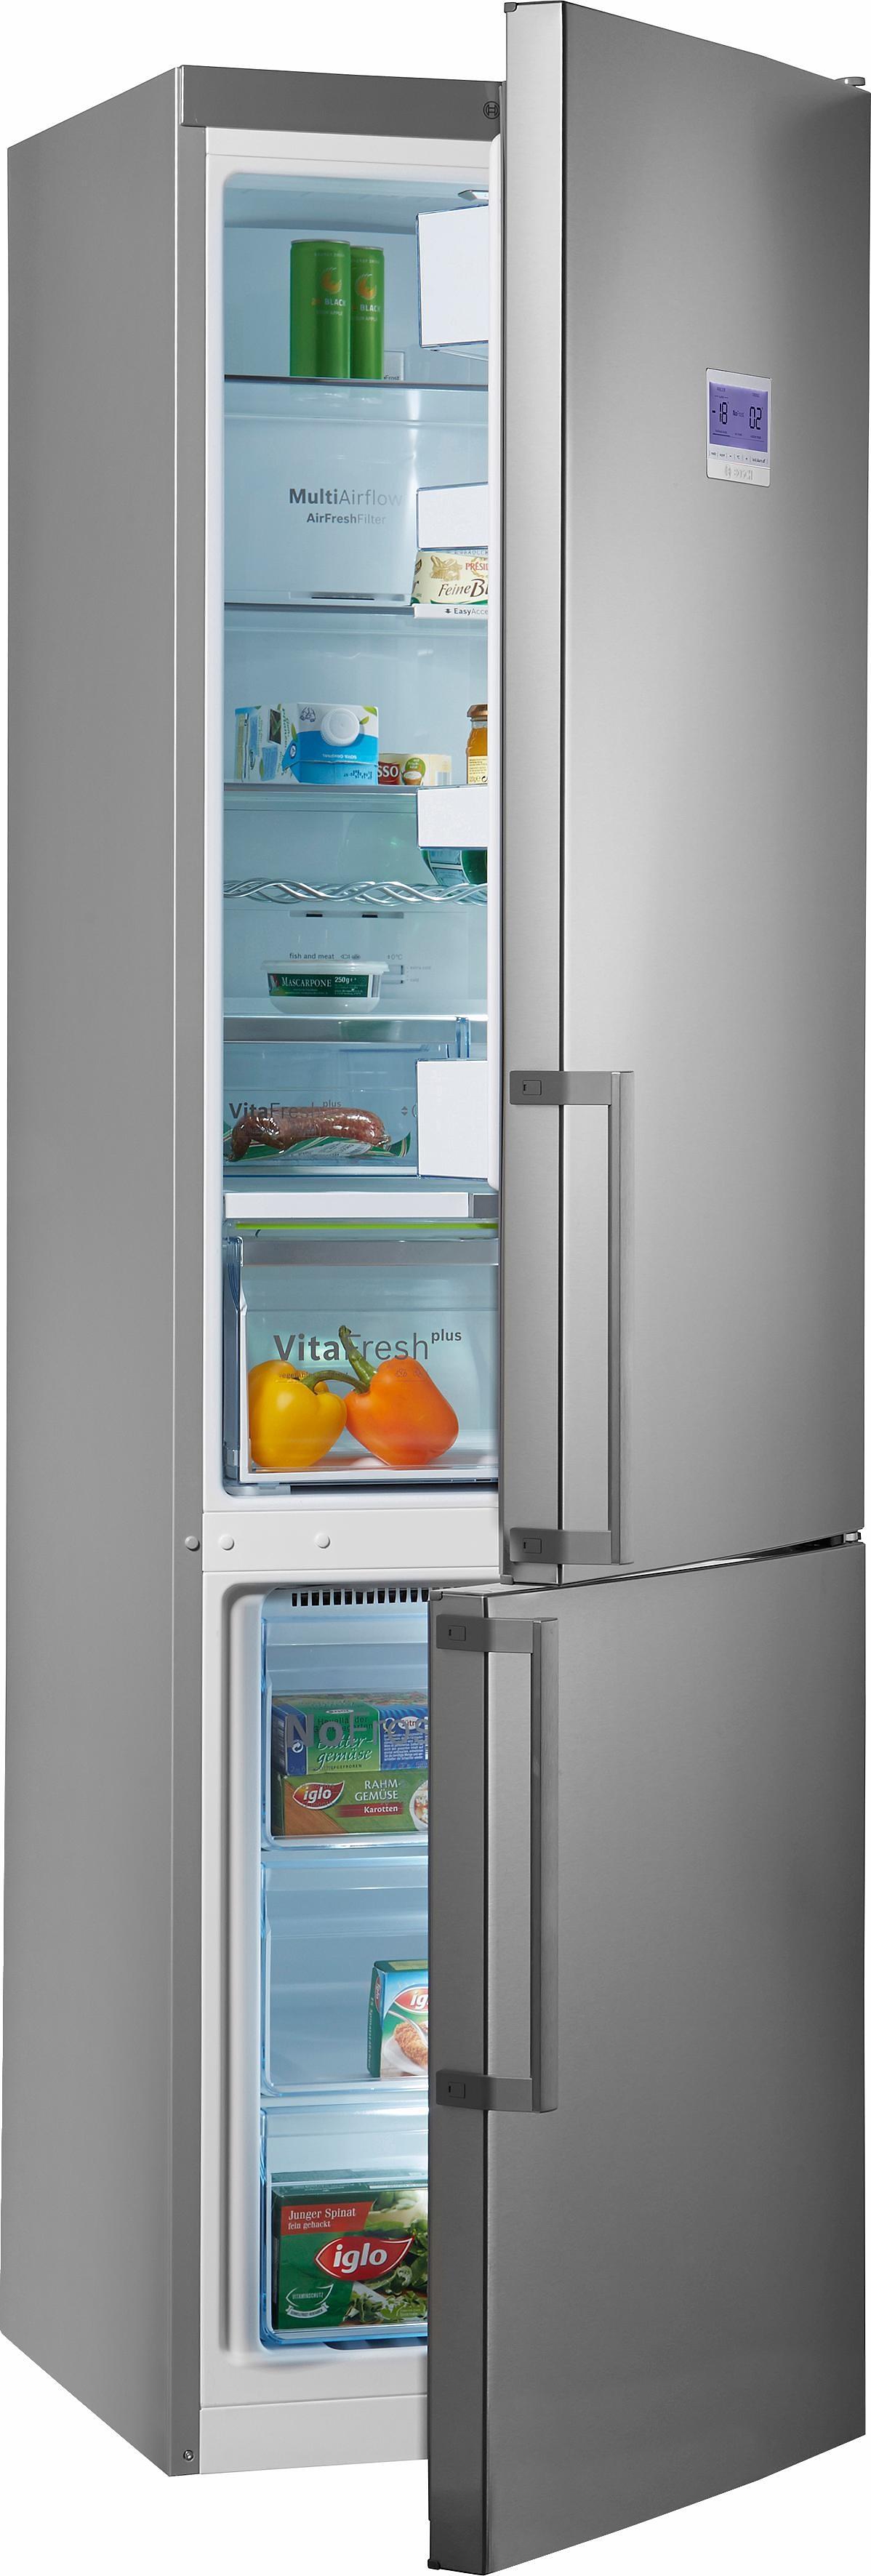 Bosch koel-vriescombinatie KGN39AI45, A+++, 203 cm hoog, No Frost voordelig en veilig online kopen